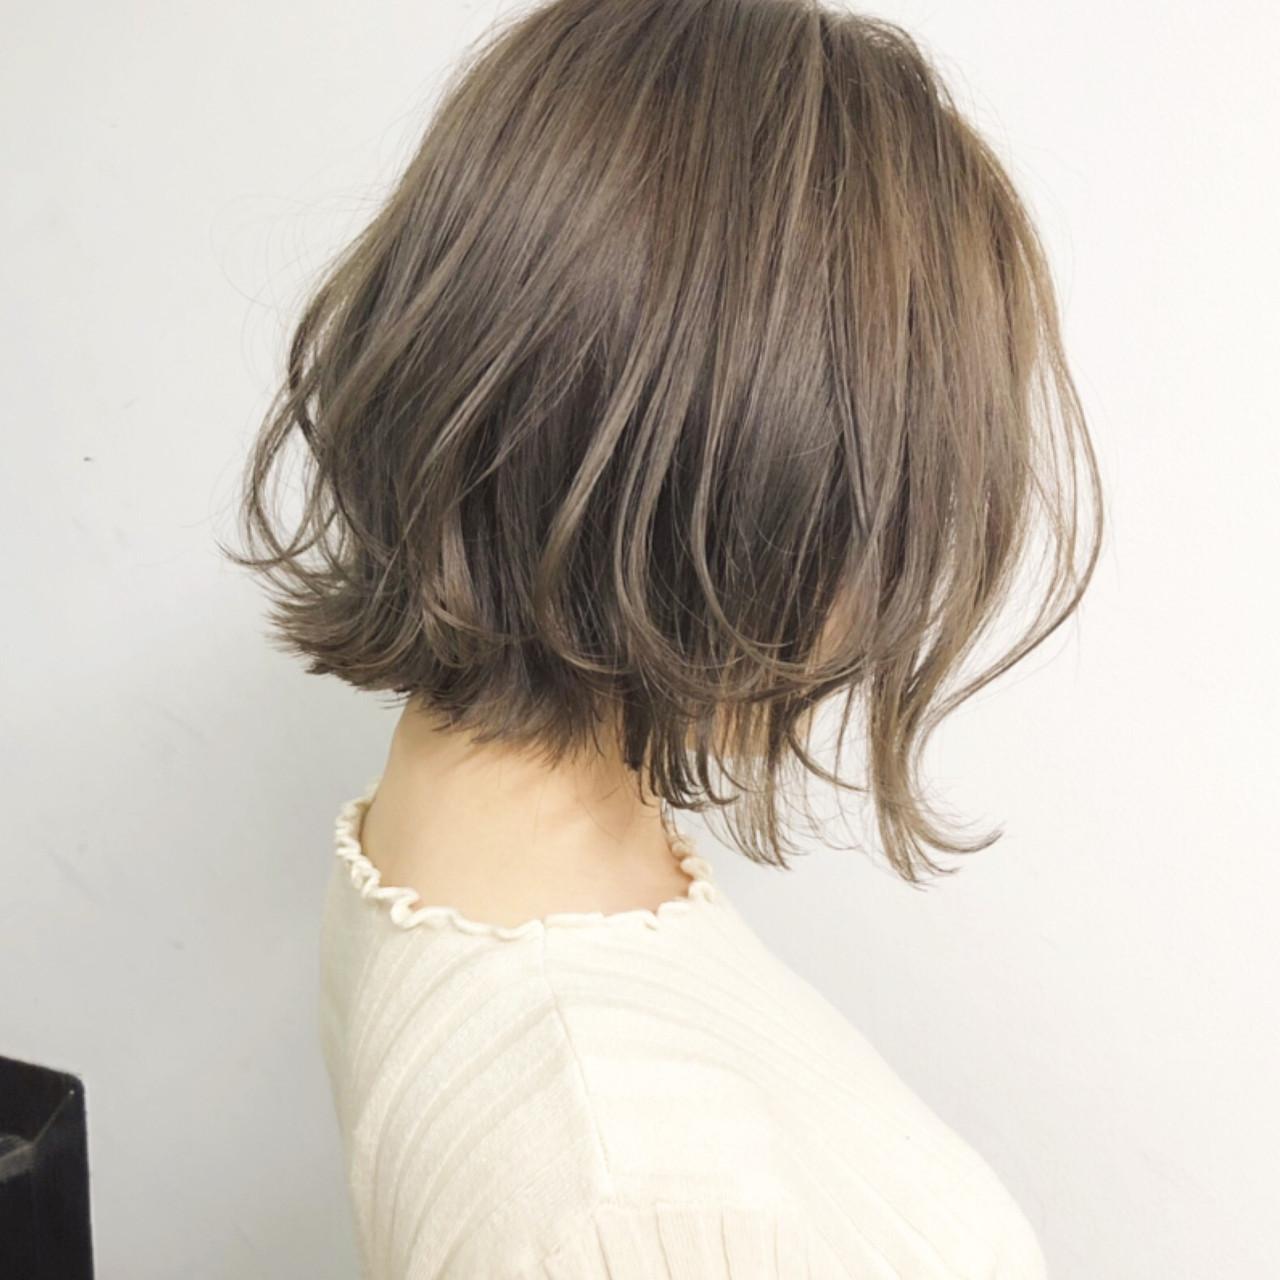 ボブ 簡単ヘアアレンジ デート アンニュイほつれヘア ヘアスタイルや髪型の写真・画像